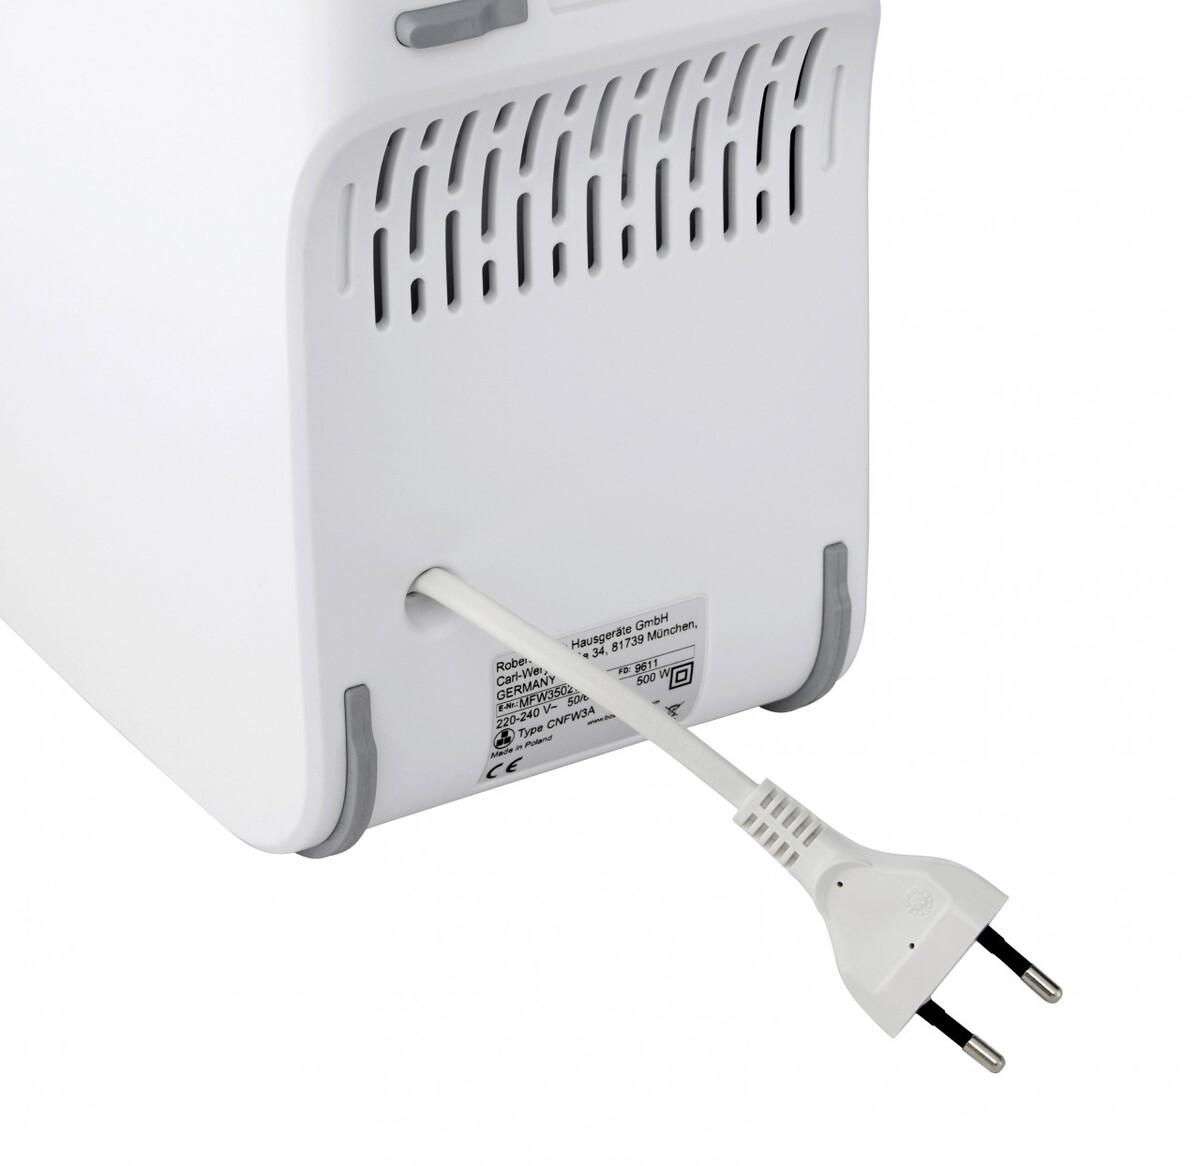 Bild 3 von Bosch Fleischwolf CompactPower MFW3502W